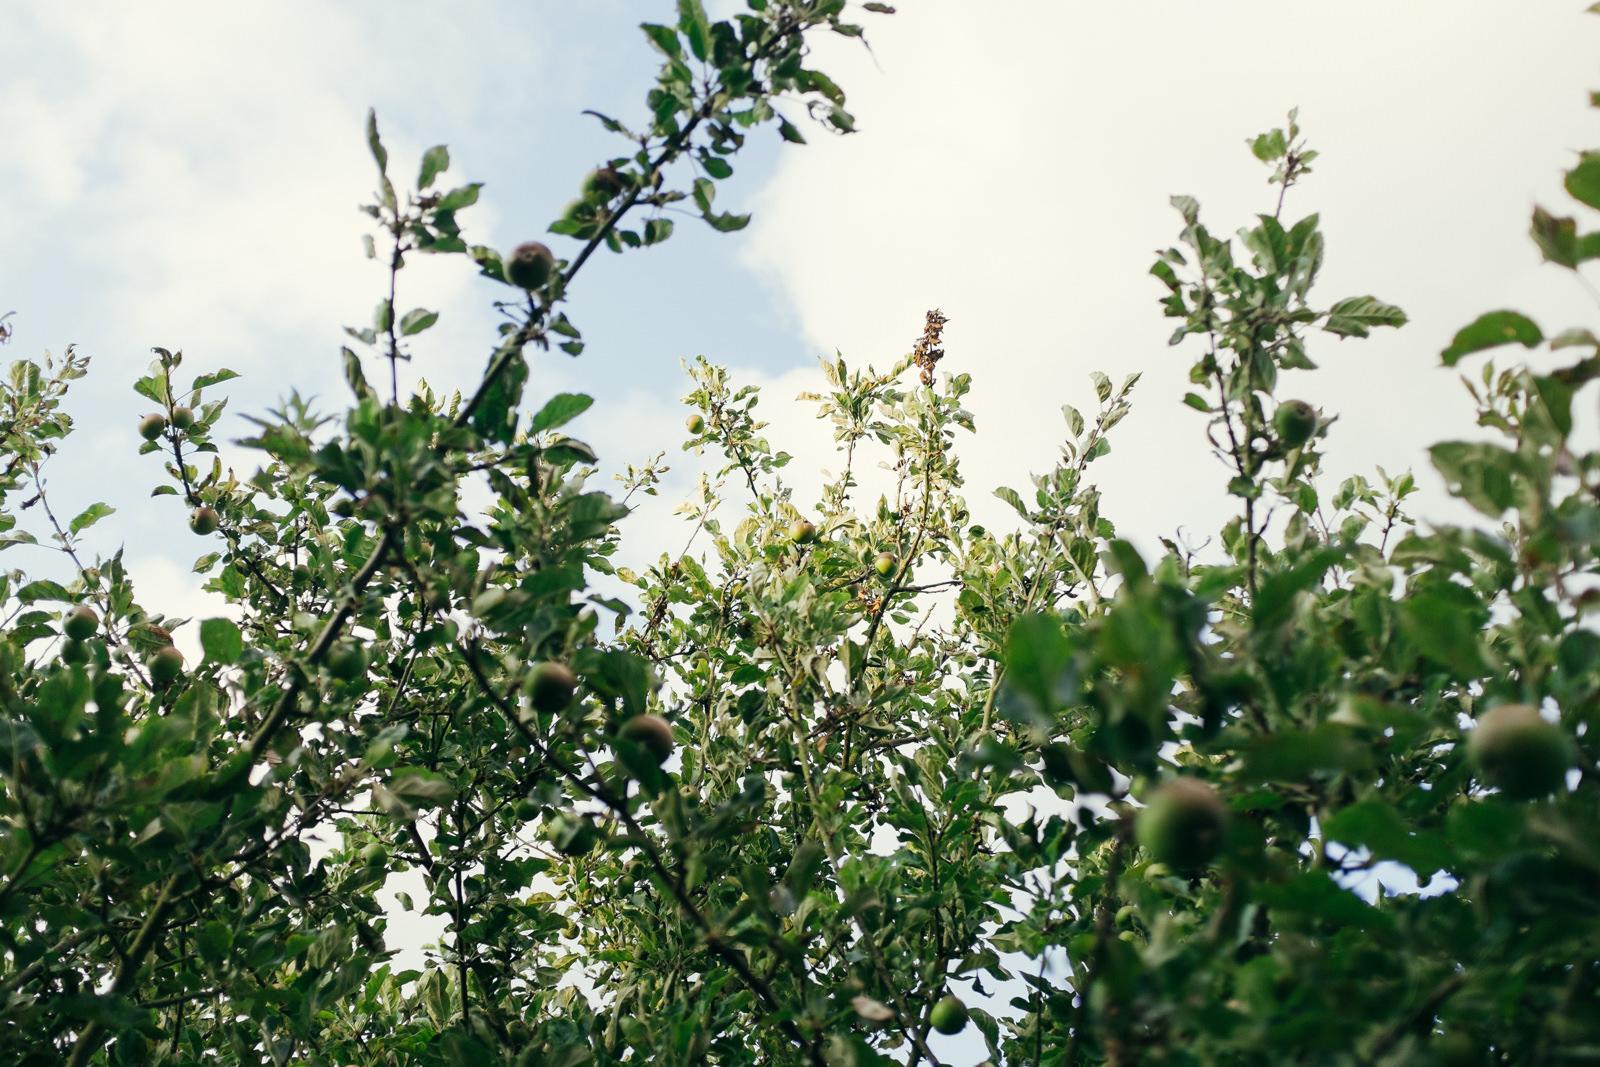 apple-picking-in-the-garden-04.jpg